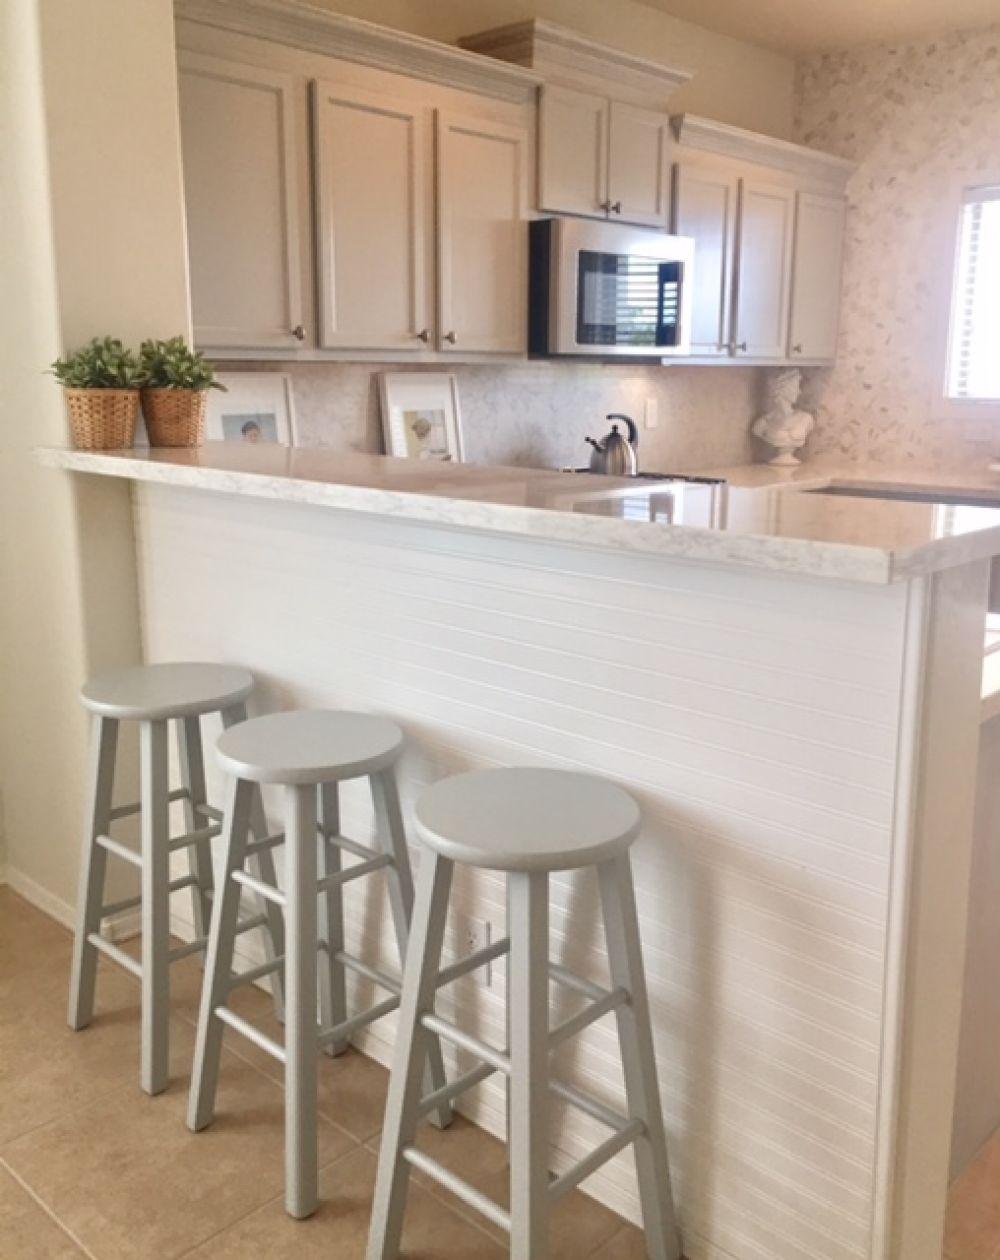 30 modern minimalist farmhouse kitchen ideas in 2020 with images on kitchen ideas minimalist id=35889